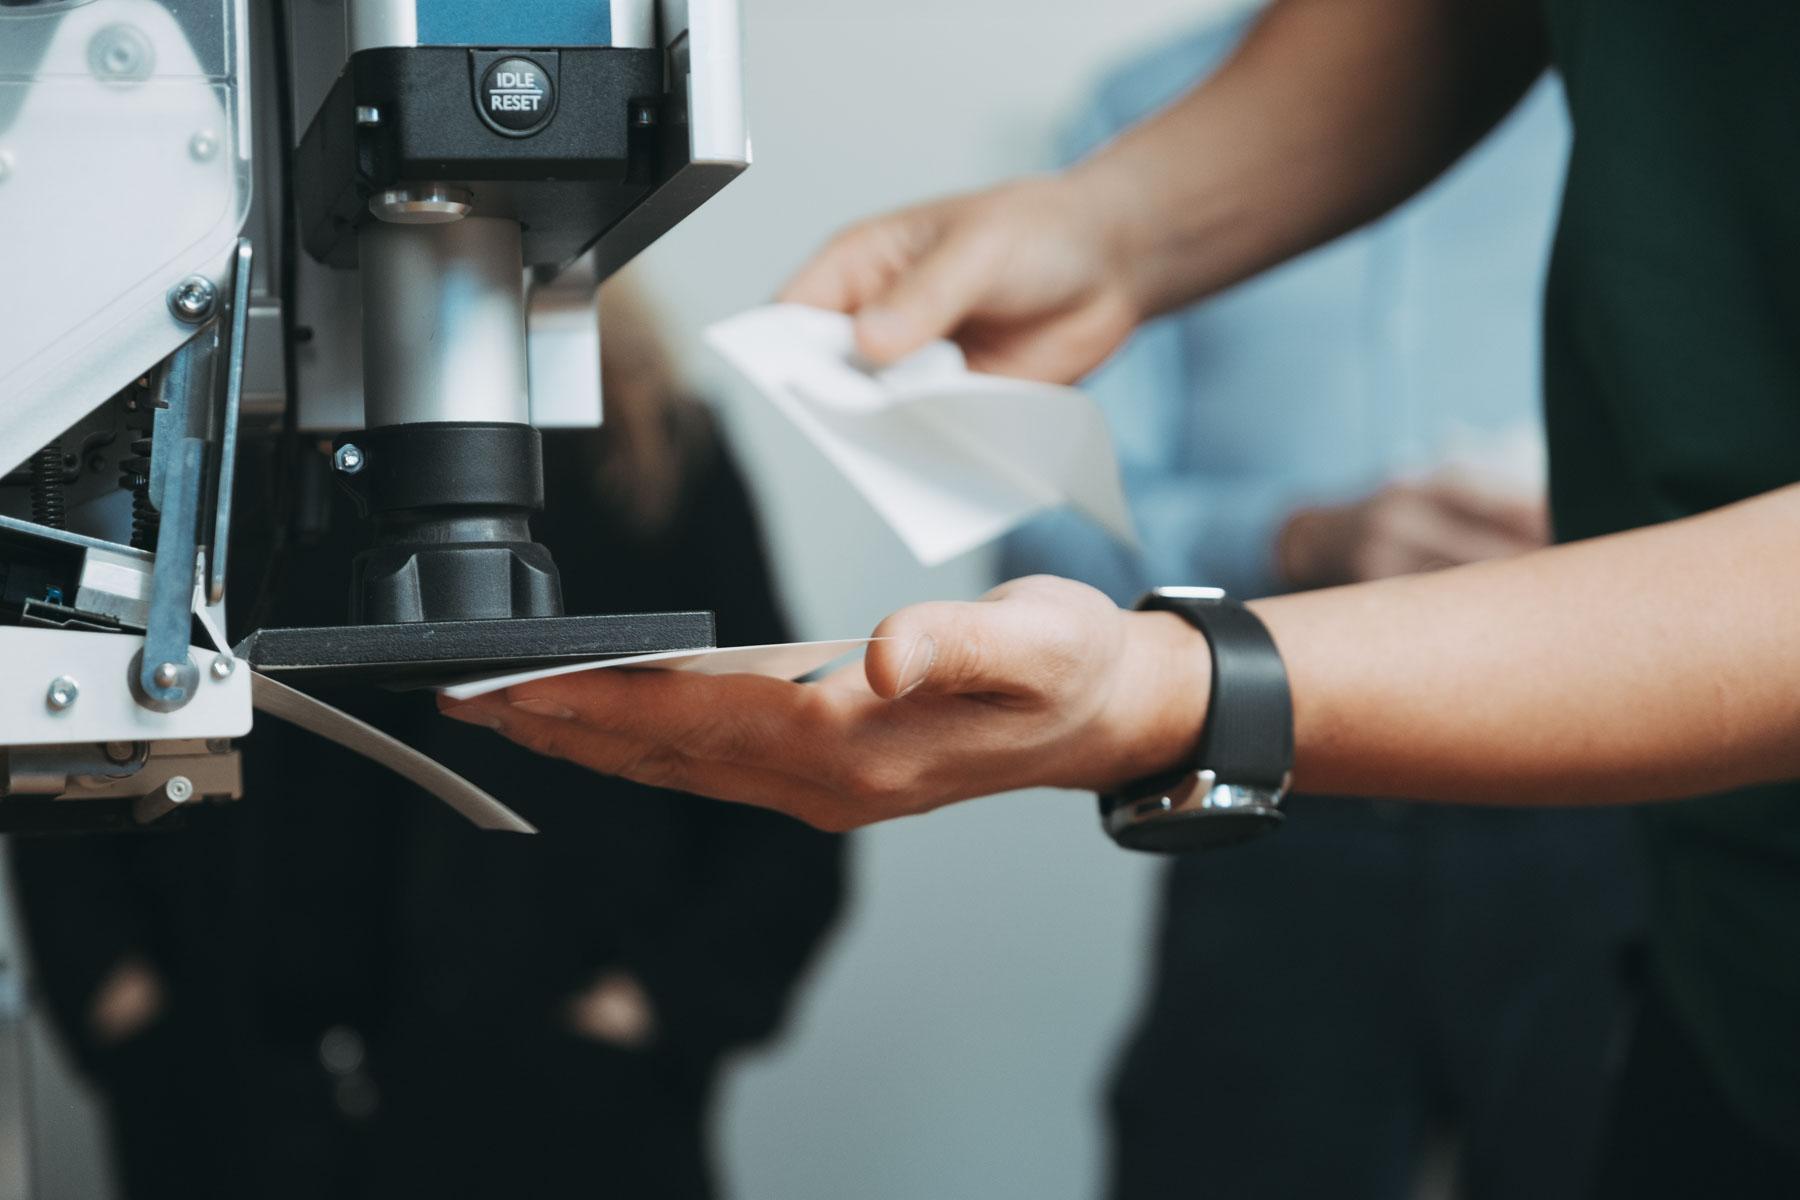 Etikettsystemer for de fleste type produkter og pakkemaskiner.